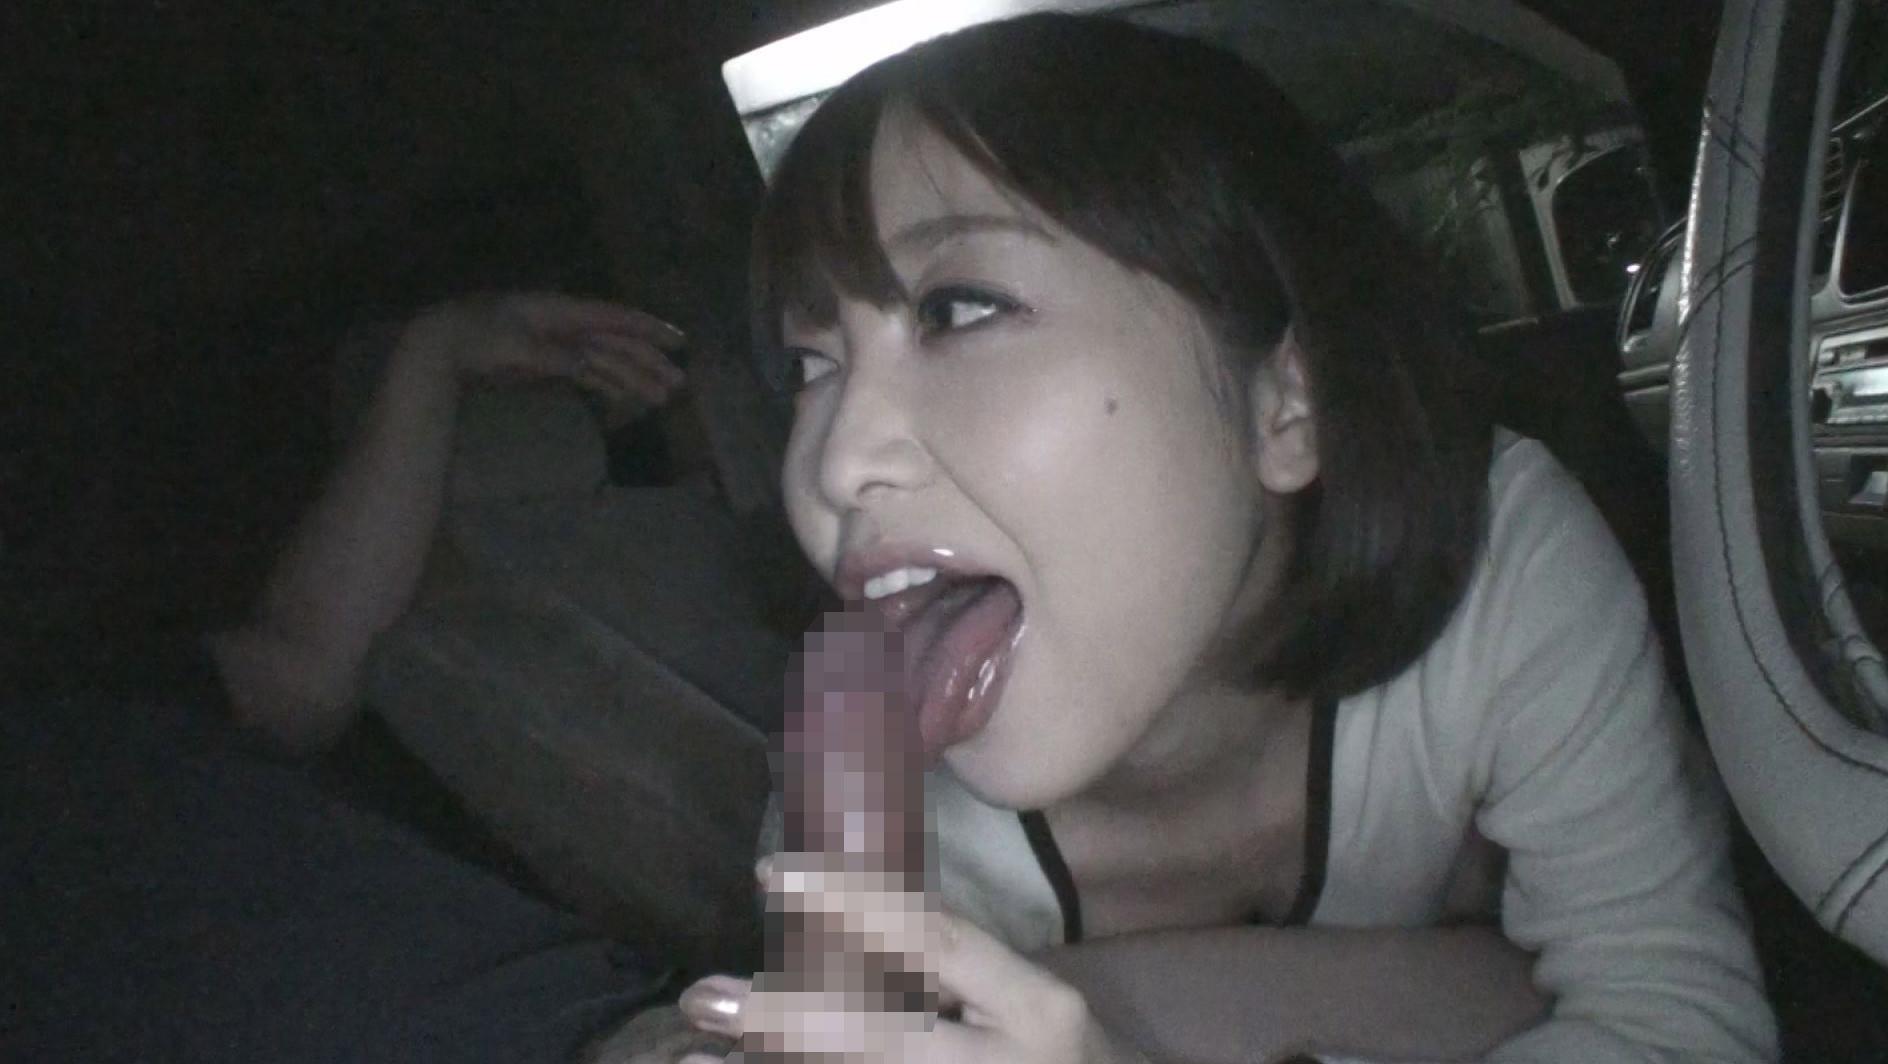 選りすぐりのドスケベ痴女を車にお届けします!スリルと興奮の出張車内ピンクサロン 11人4時間 画像8